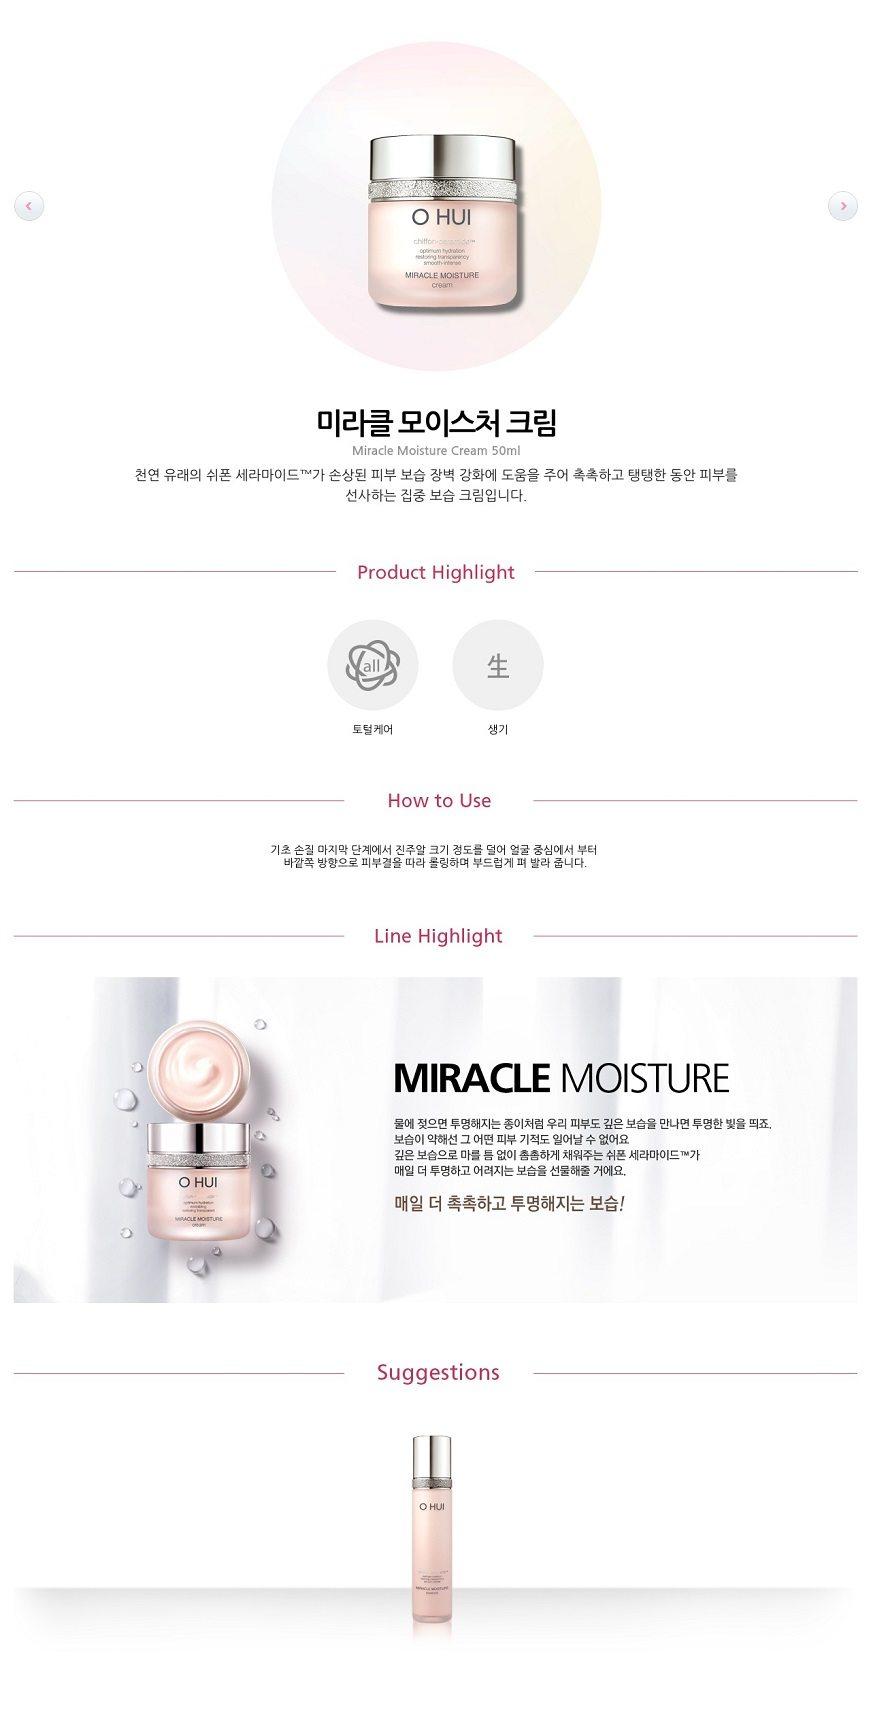 OHUI Miracle Moisture Cream 50ml malaysia singapore indonesia